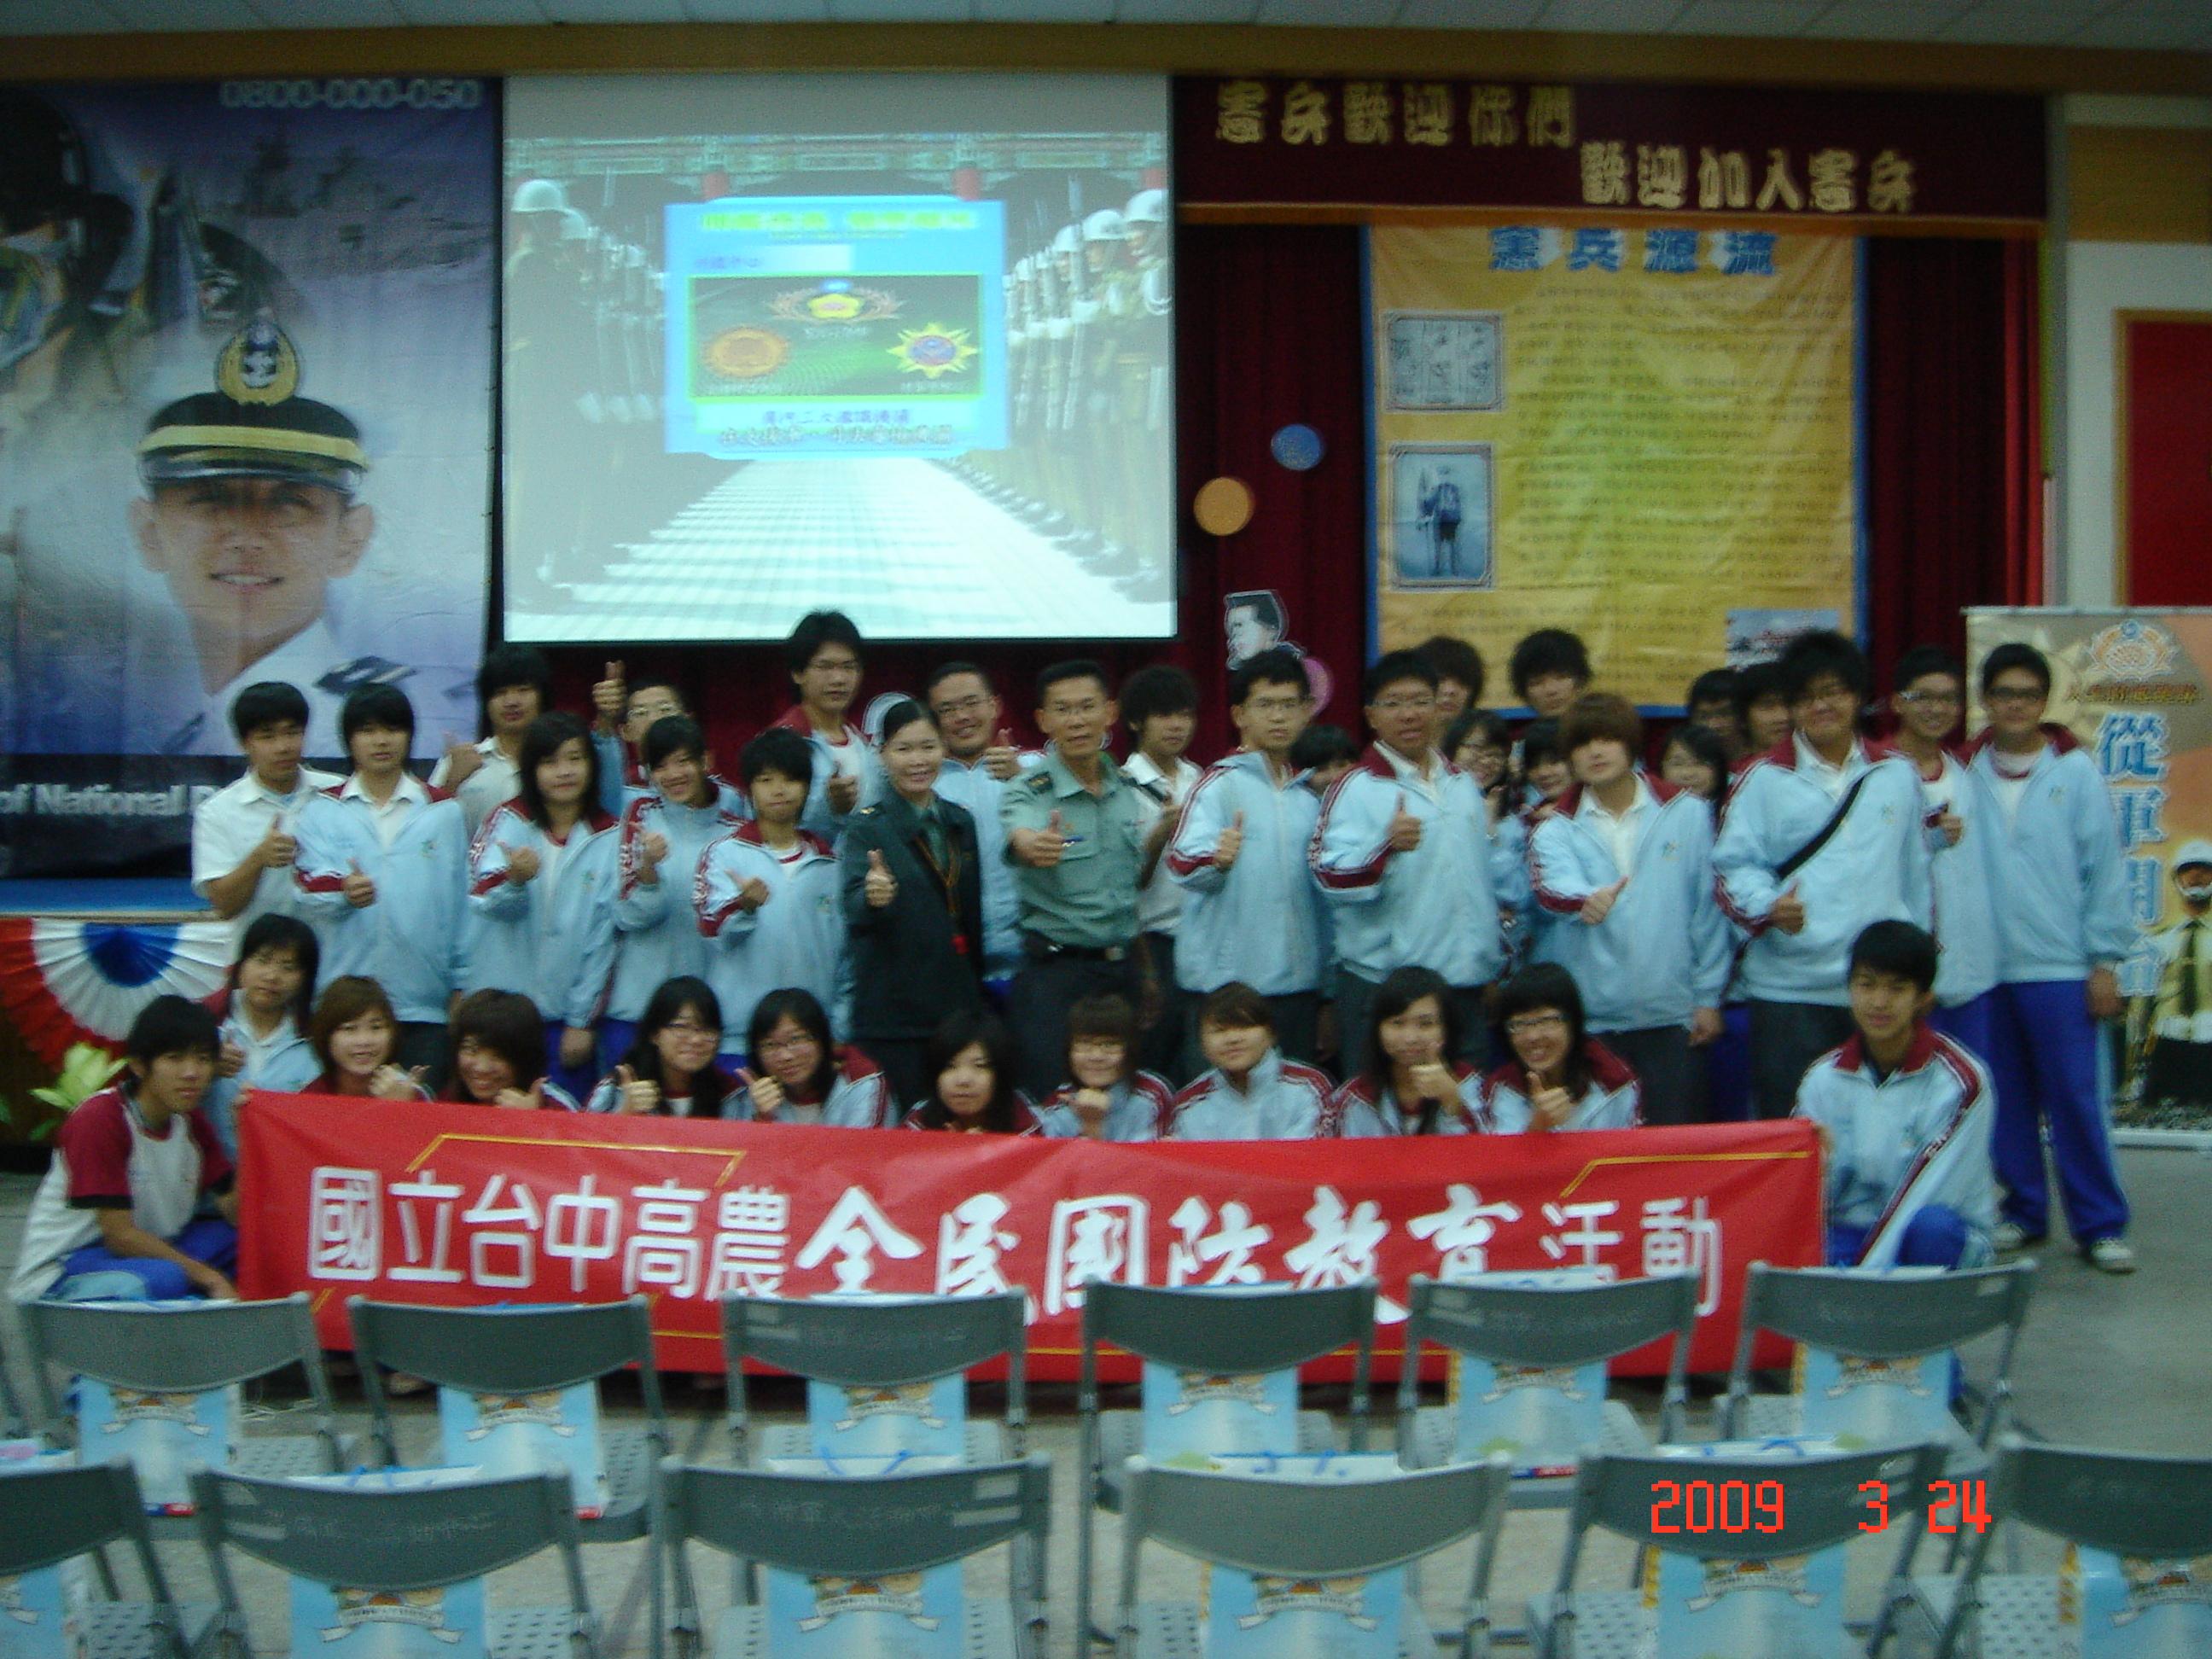 憲兵203指揮部隊慶,本校獲邀參加活動